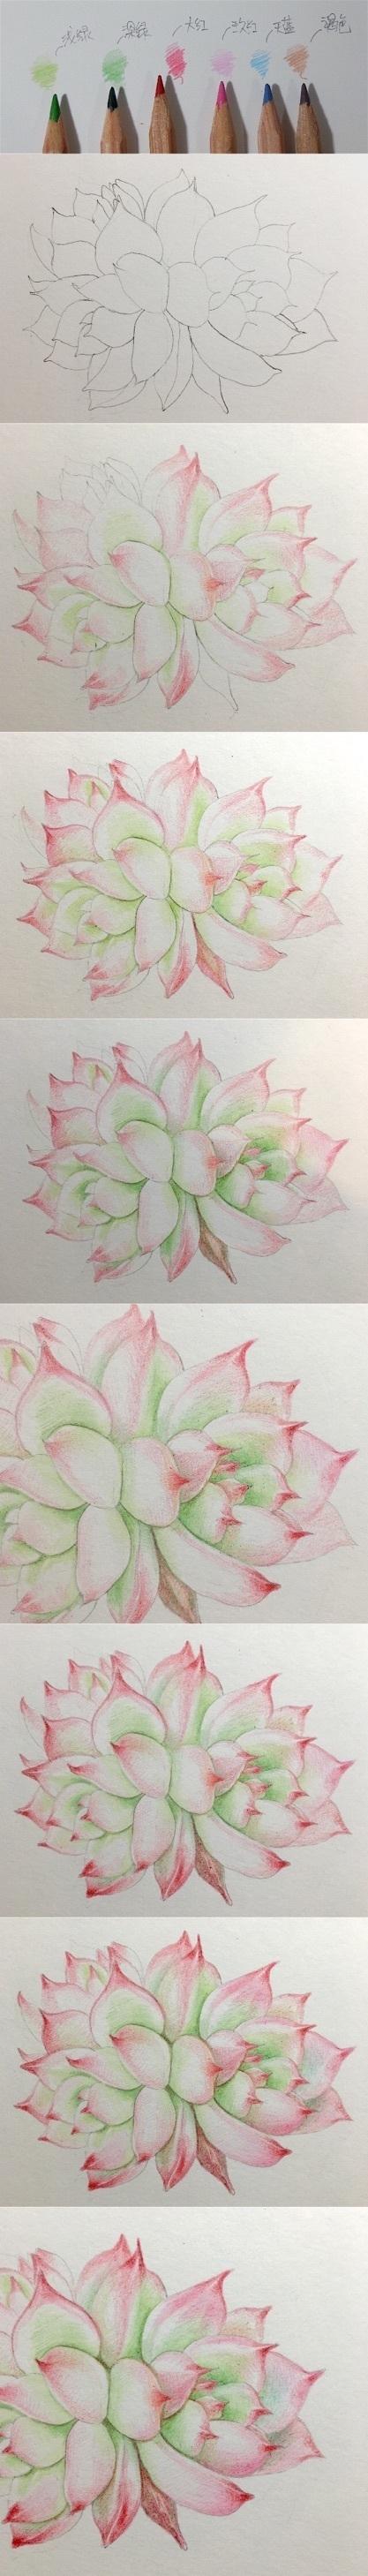 多肉植物彩铅怎么画